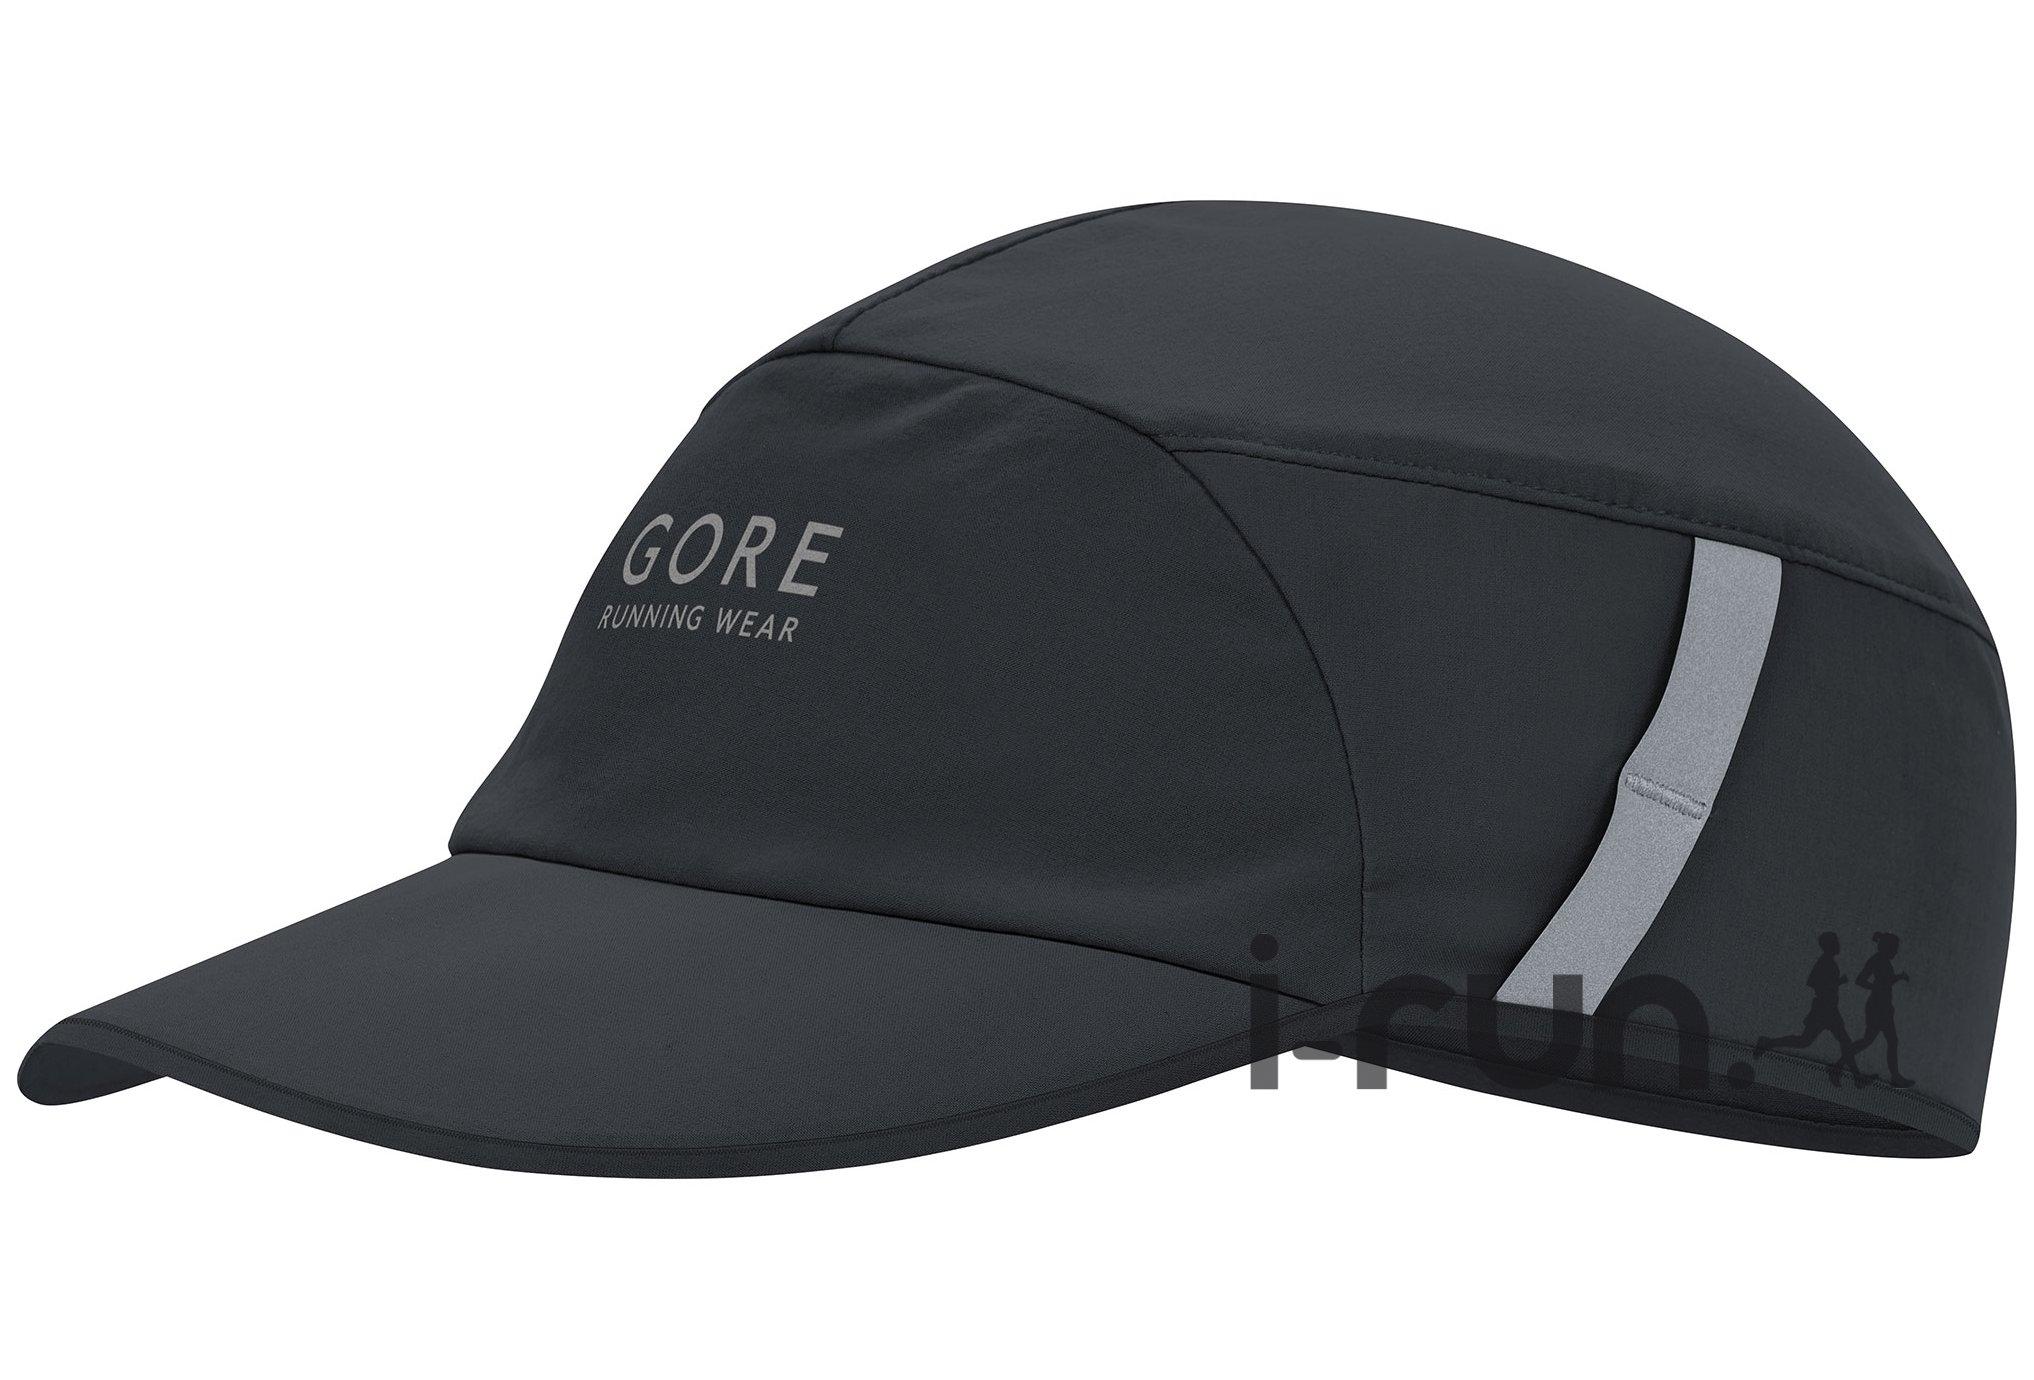 Gore Wear Casquette Essential Light Casquettes / bandeaux